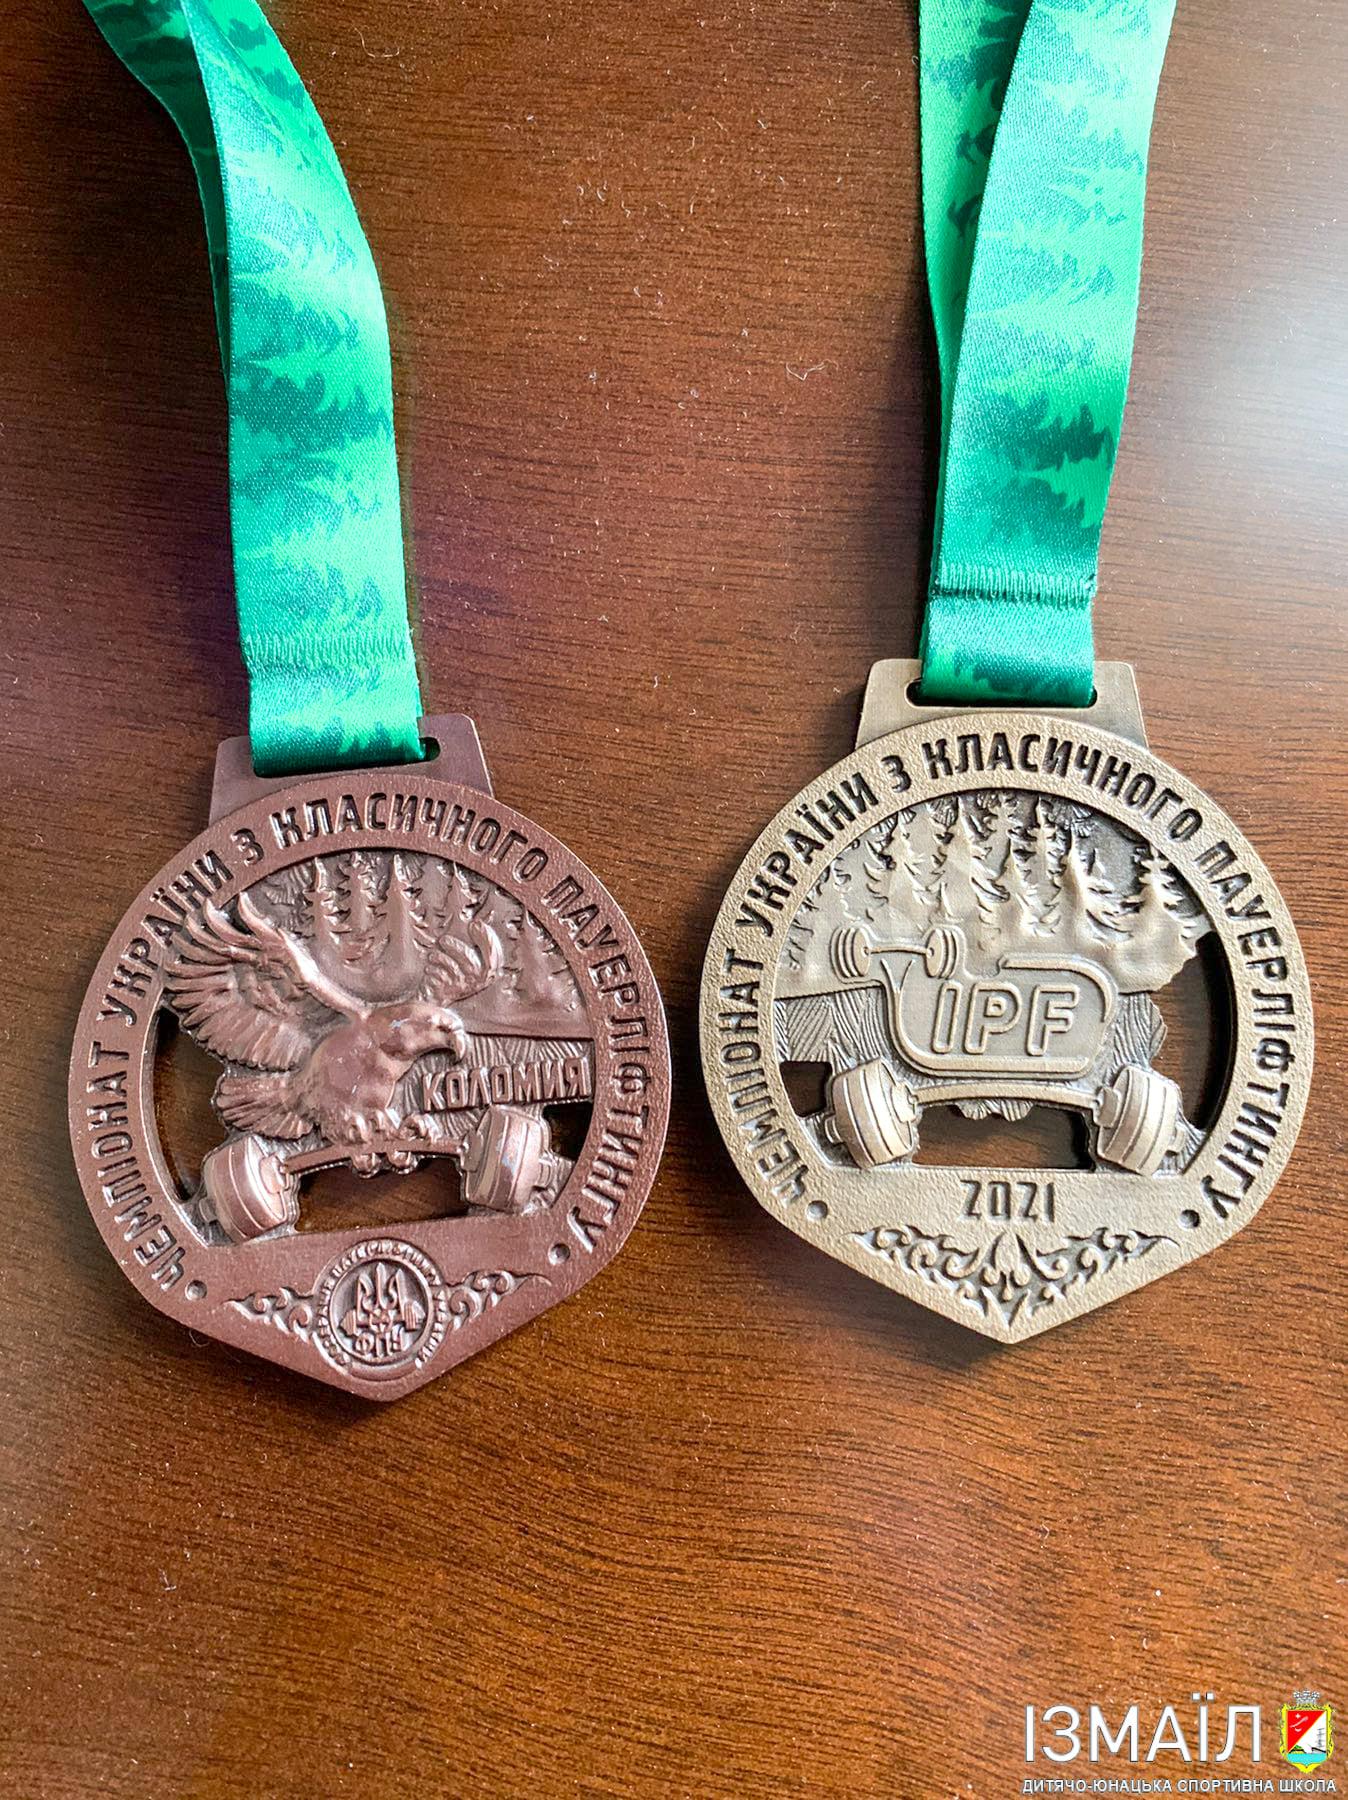 Измаильский тяжелоатлет взял бронзу на чемпионате Украины по пауэрлифтингу